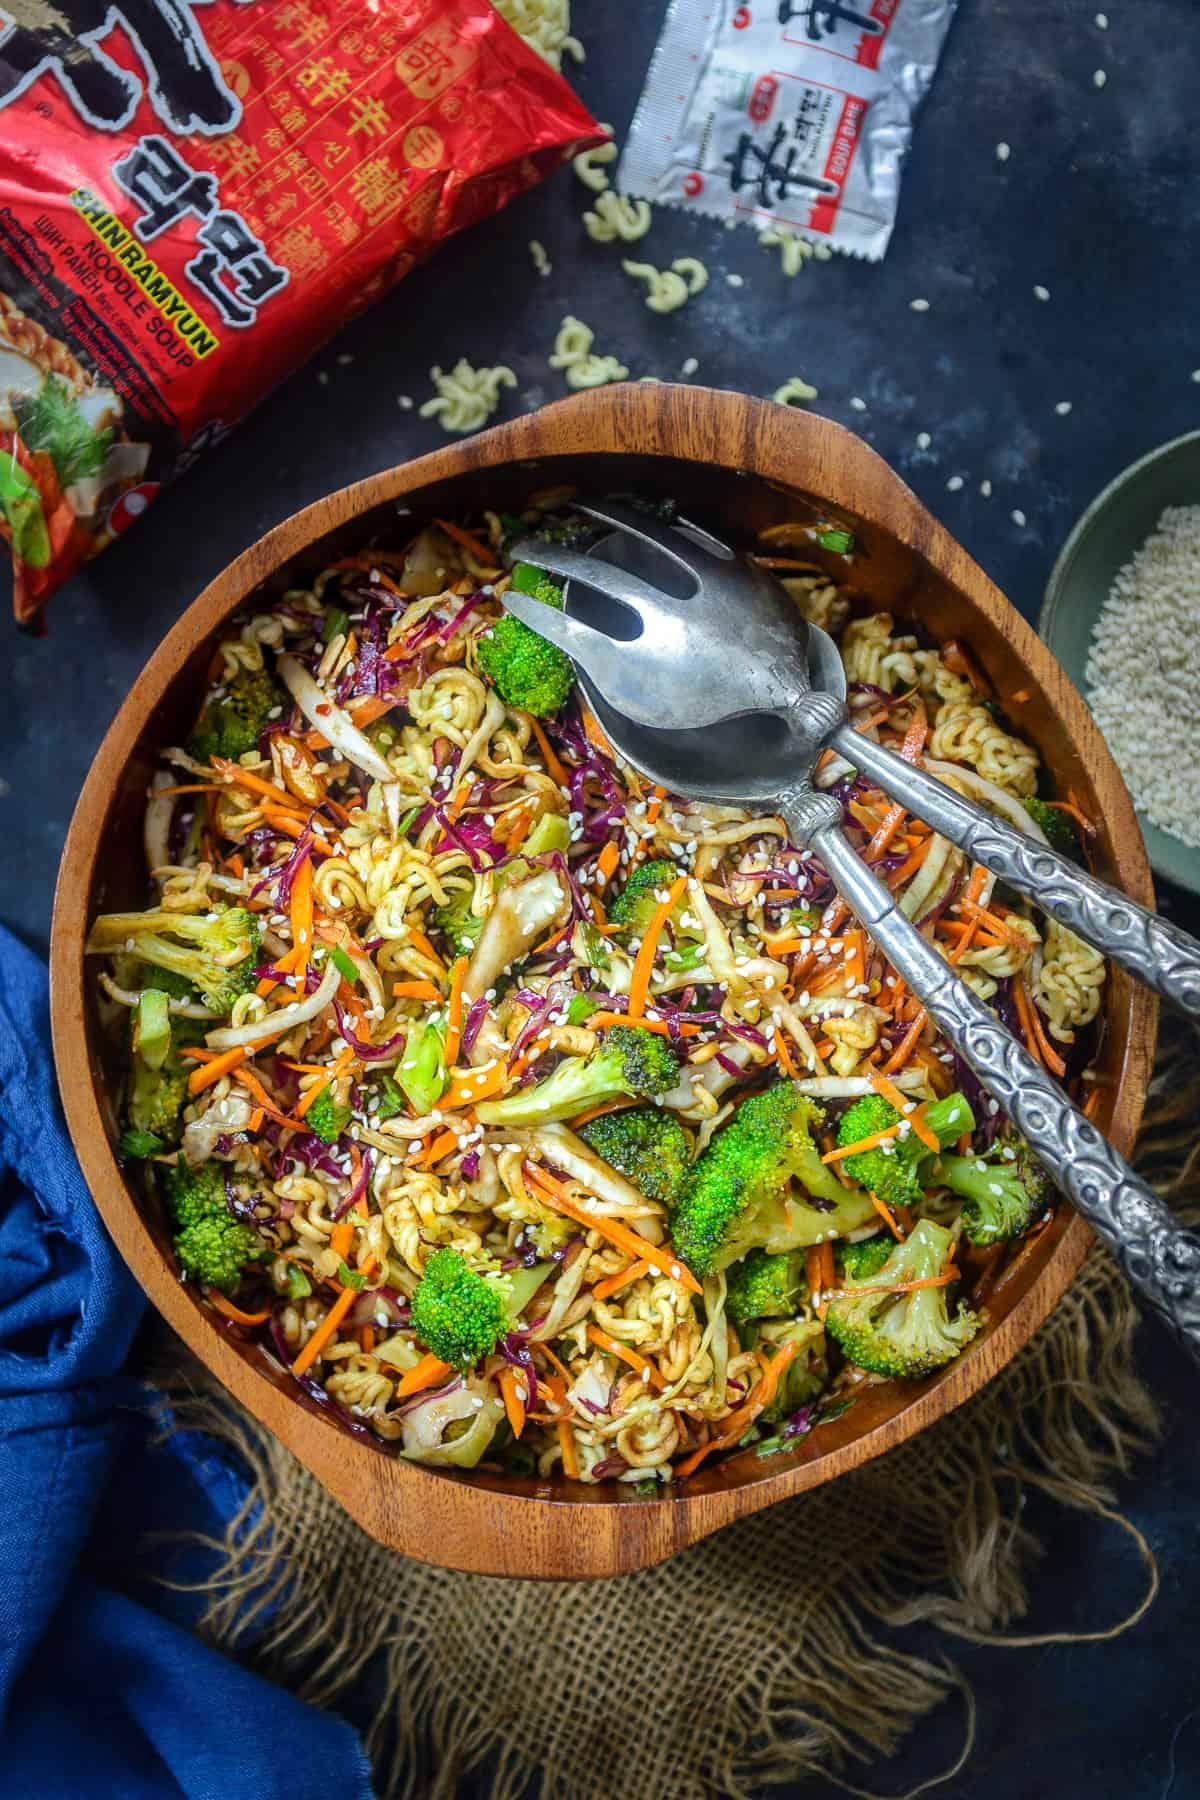 Ramen Noodle salad served in a bowl.